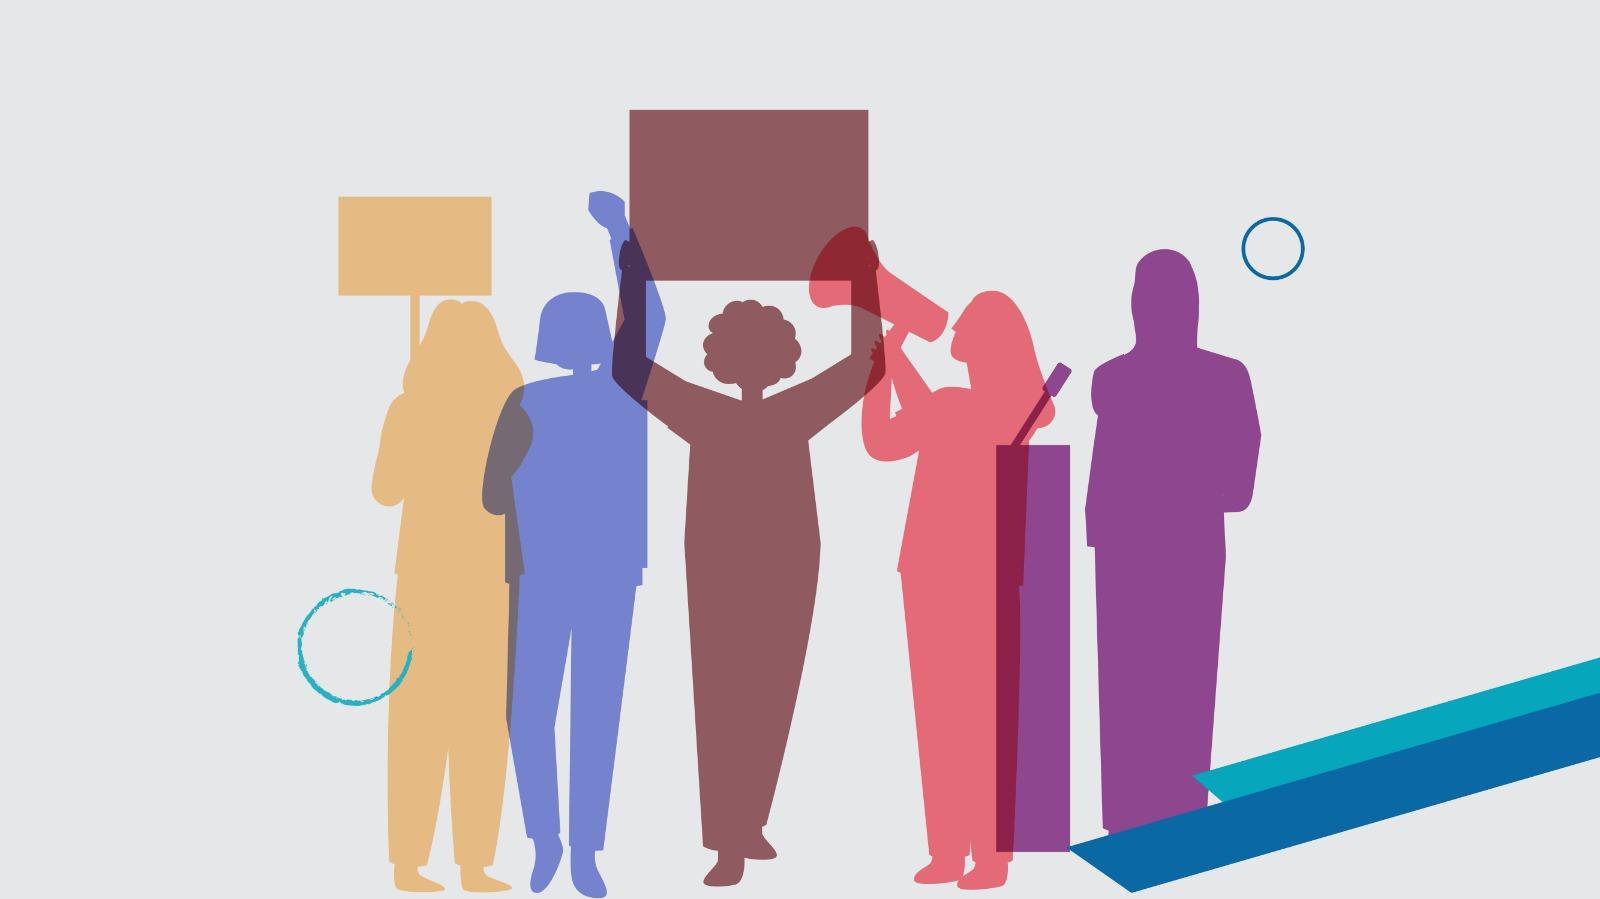 التمثيل السياسيّ الفاعل للنساء، صعوبات وتحديات